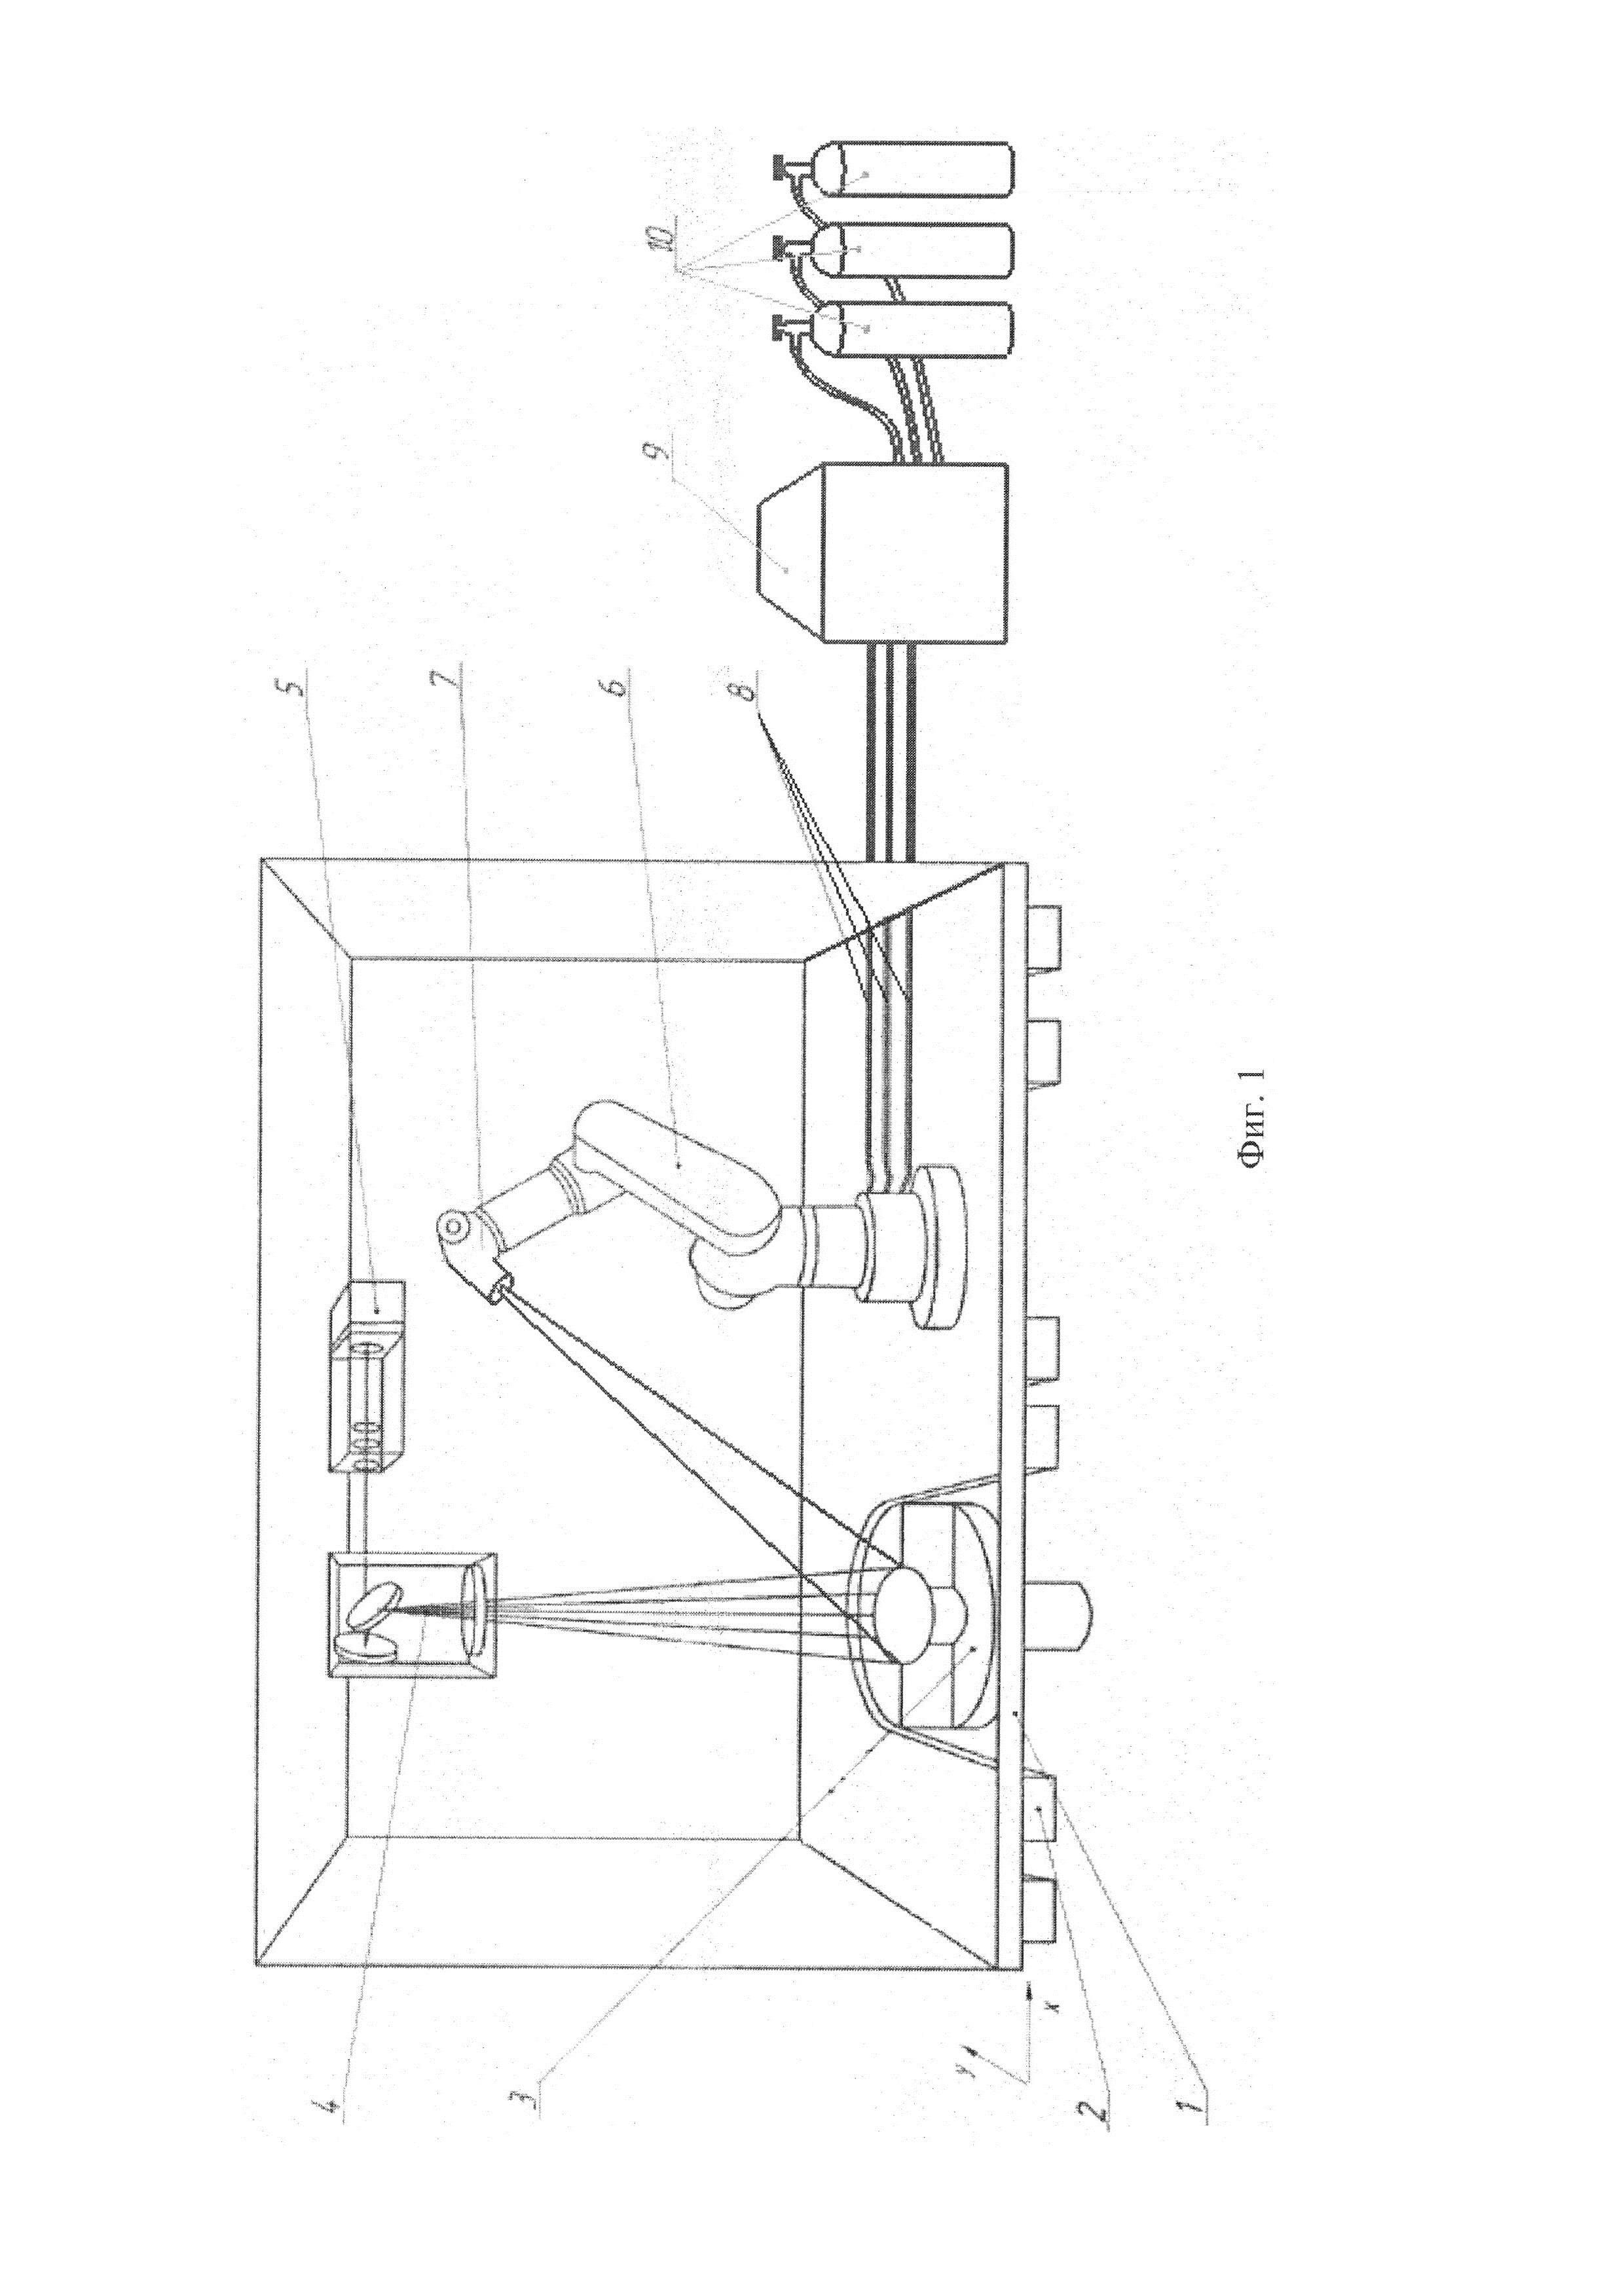 Установка для получения детали из металлического порошкового материала